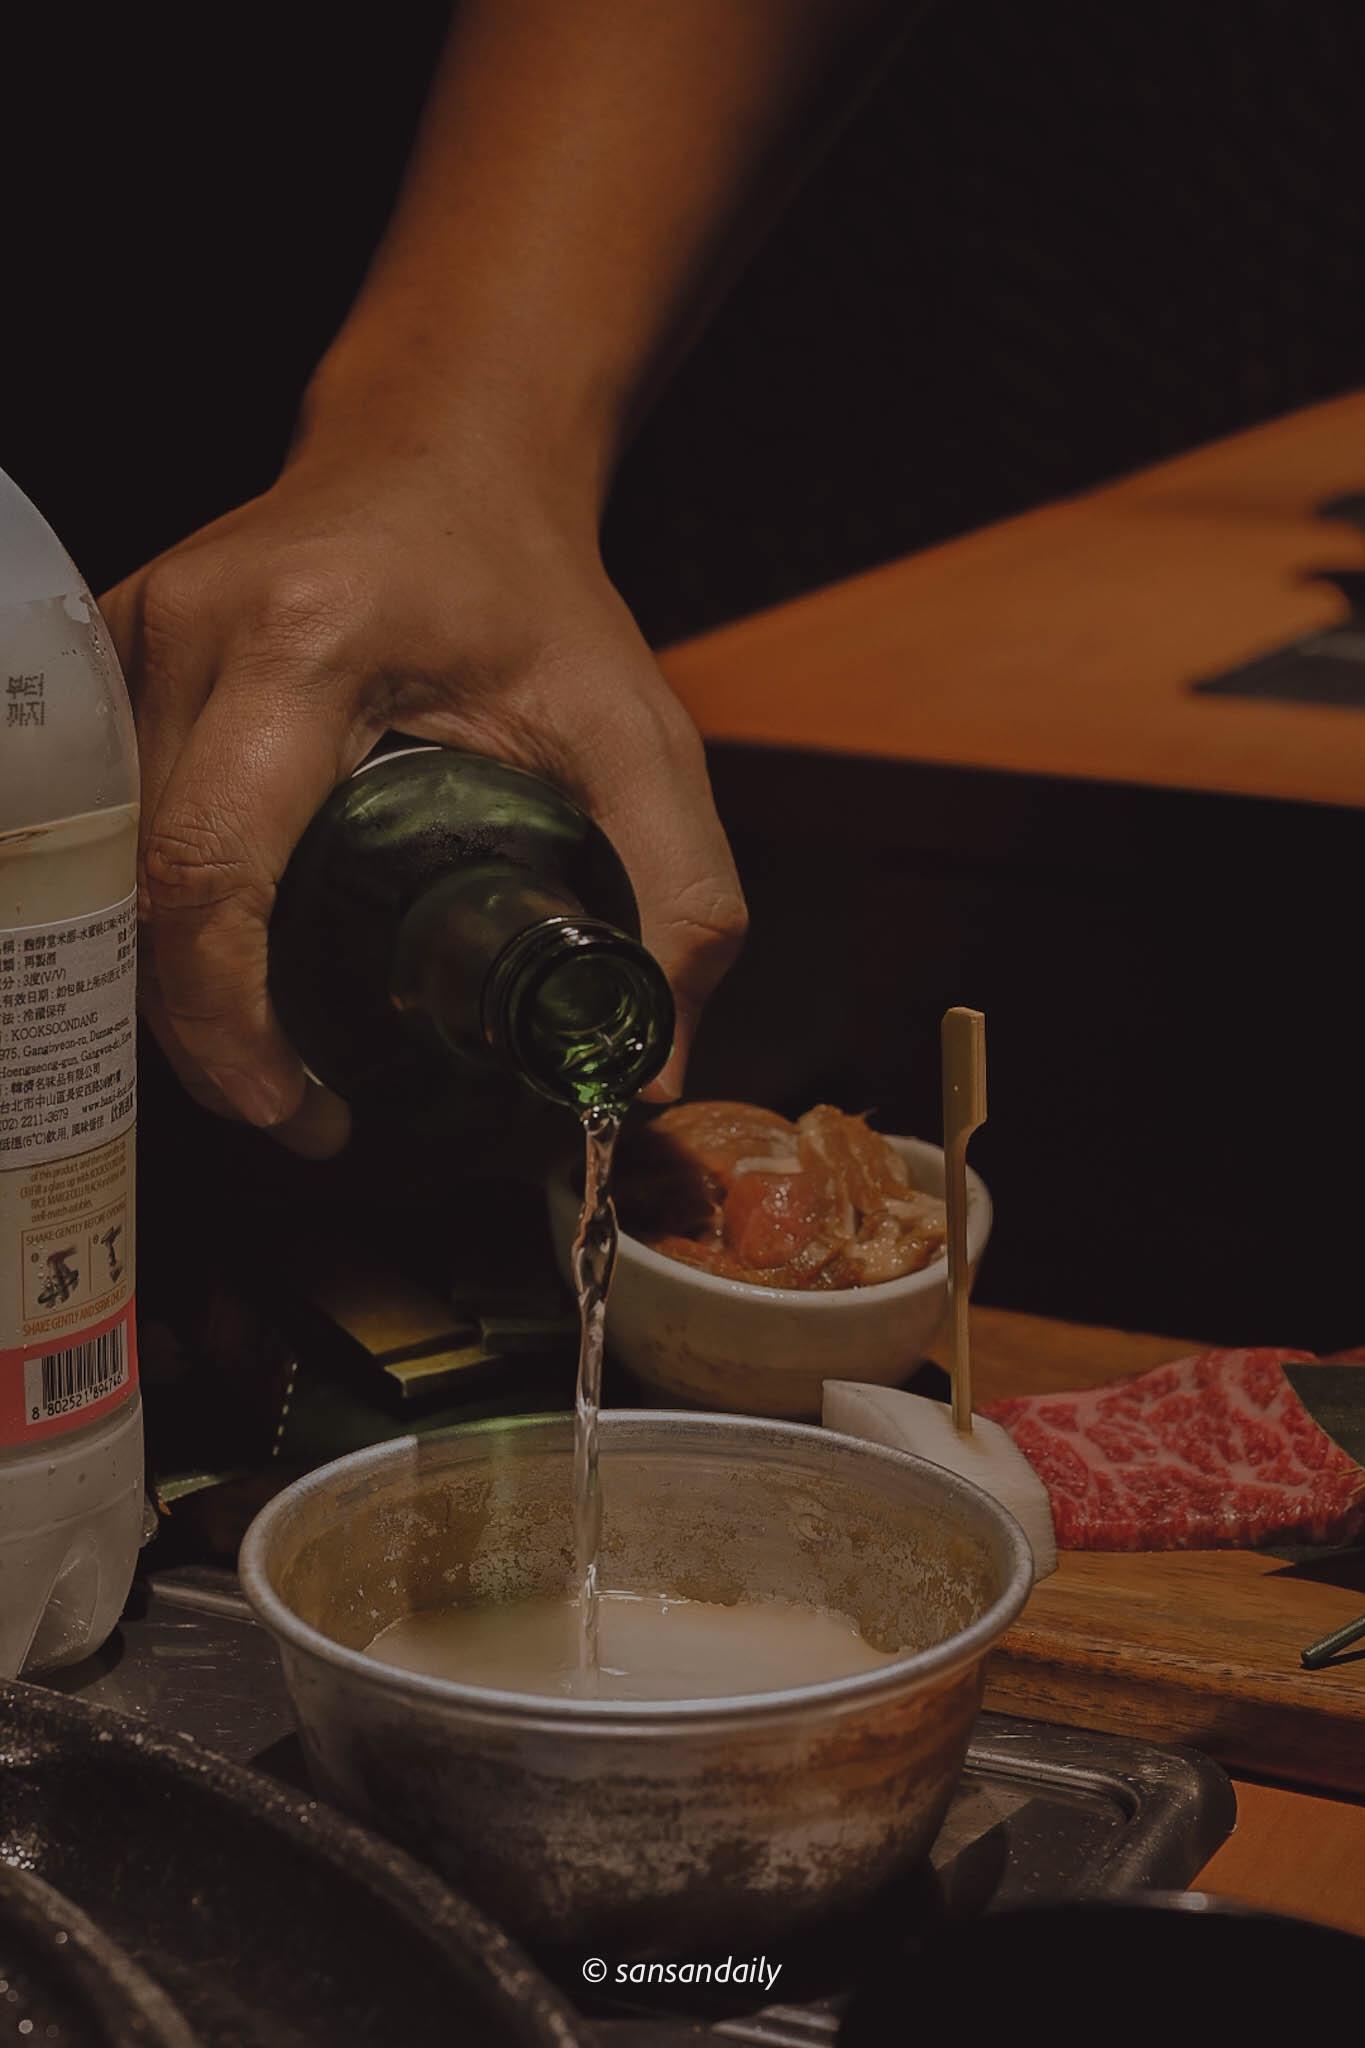 一個人將真露燒酎倒入在桌上的鋁碗